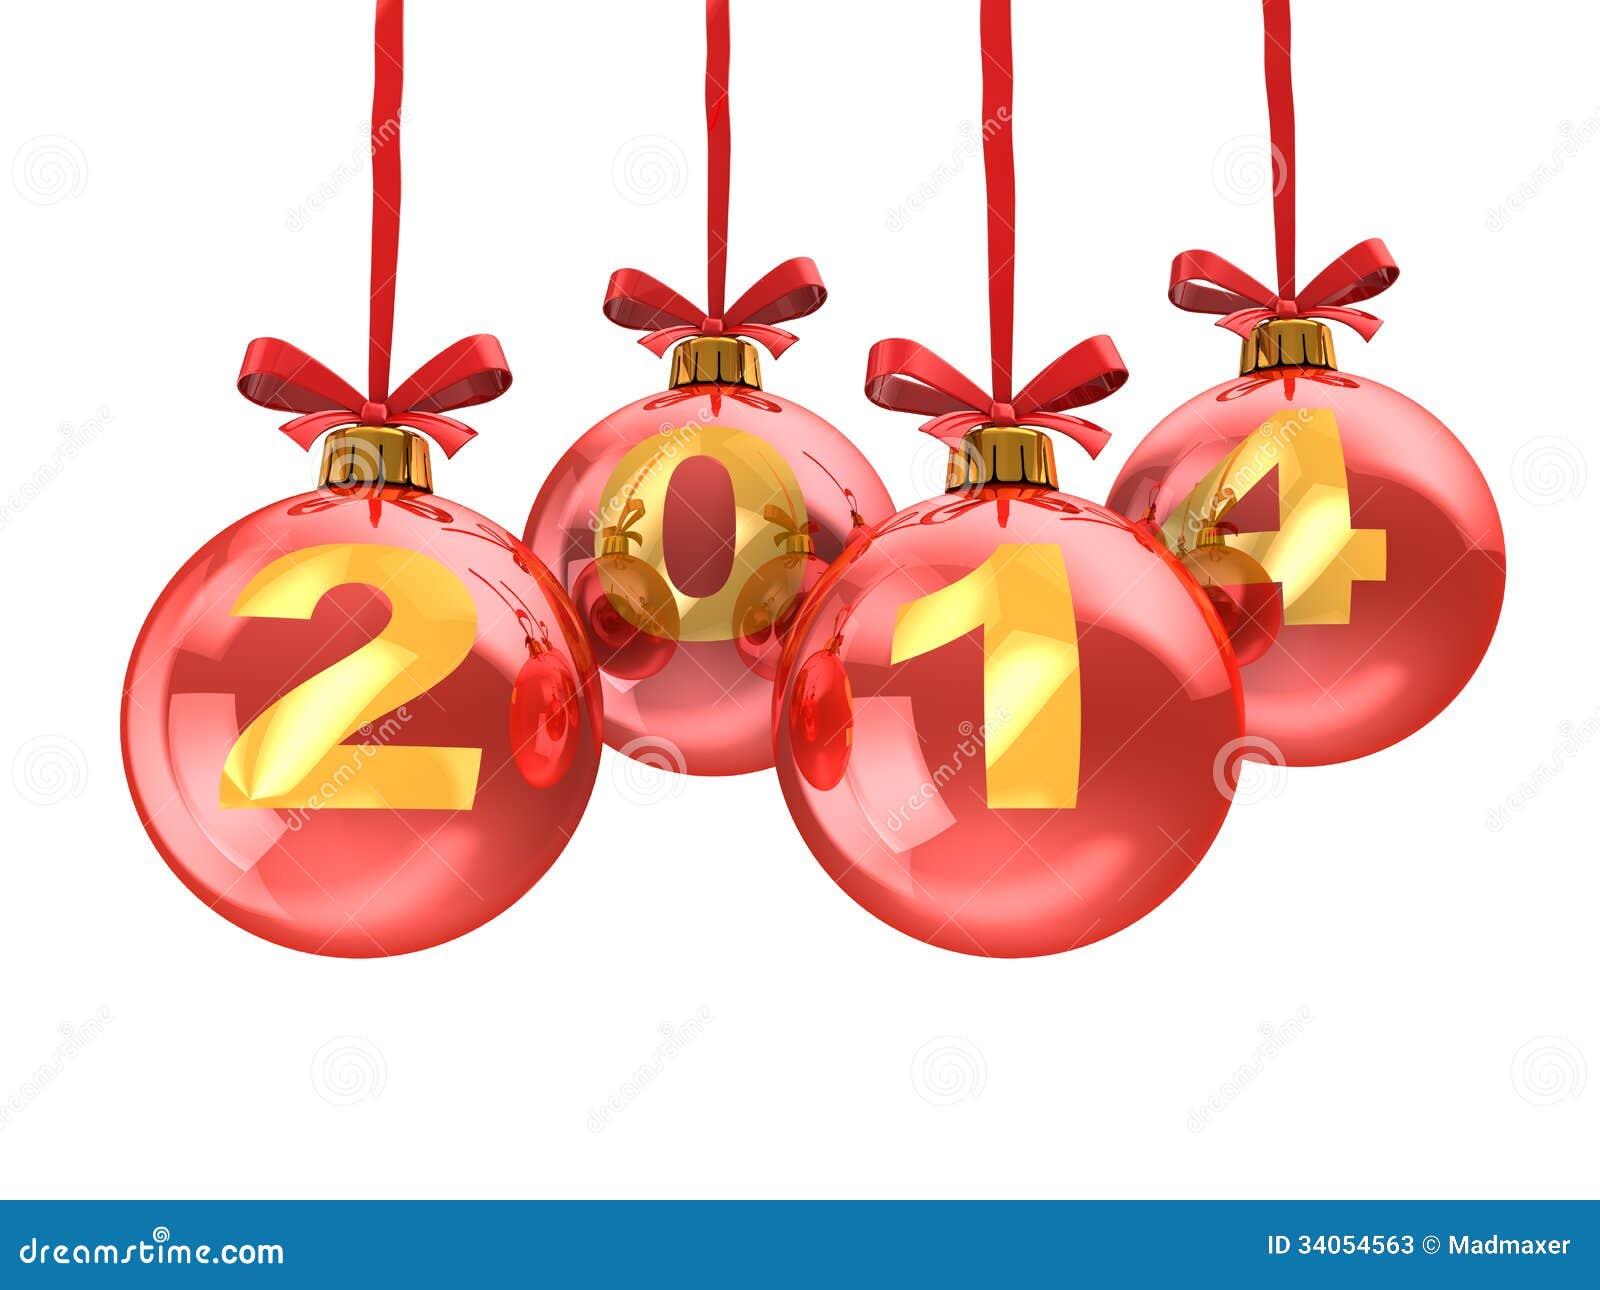 Bolas de navidad fotos de archivo imagen 34054563 for Imagenes de bolas de navidad